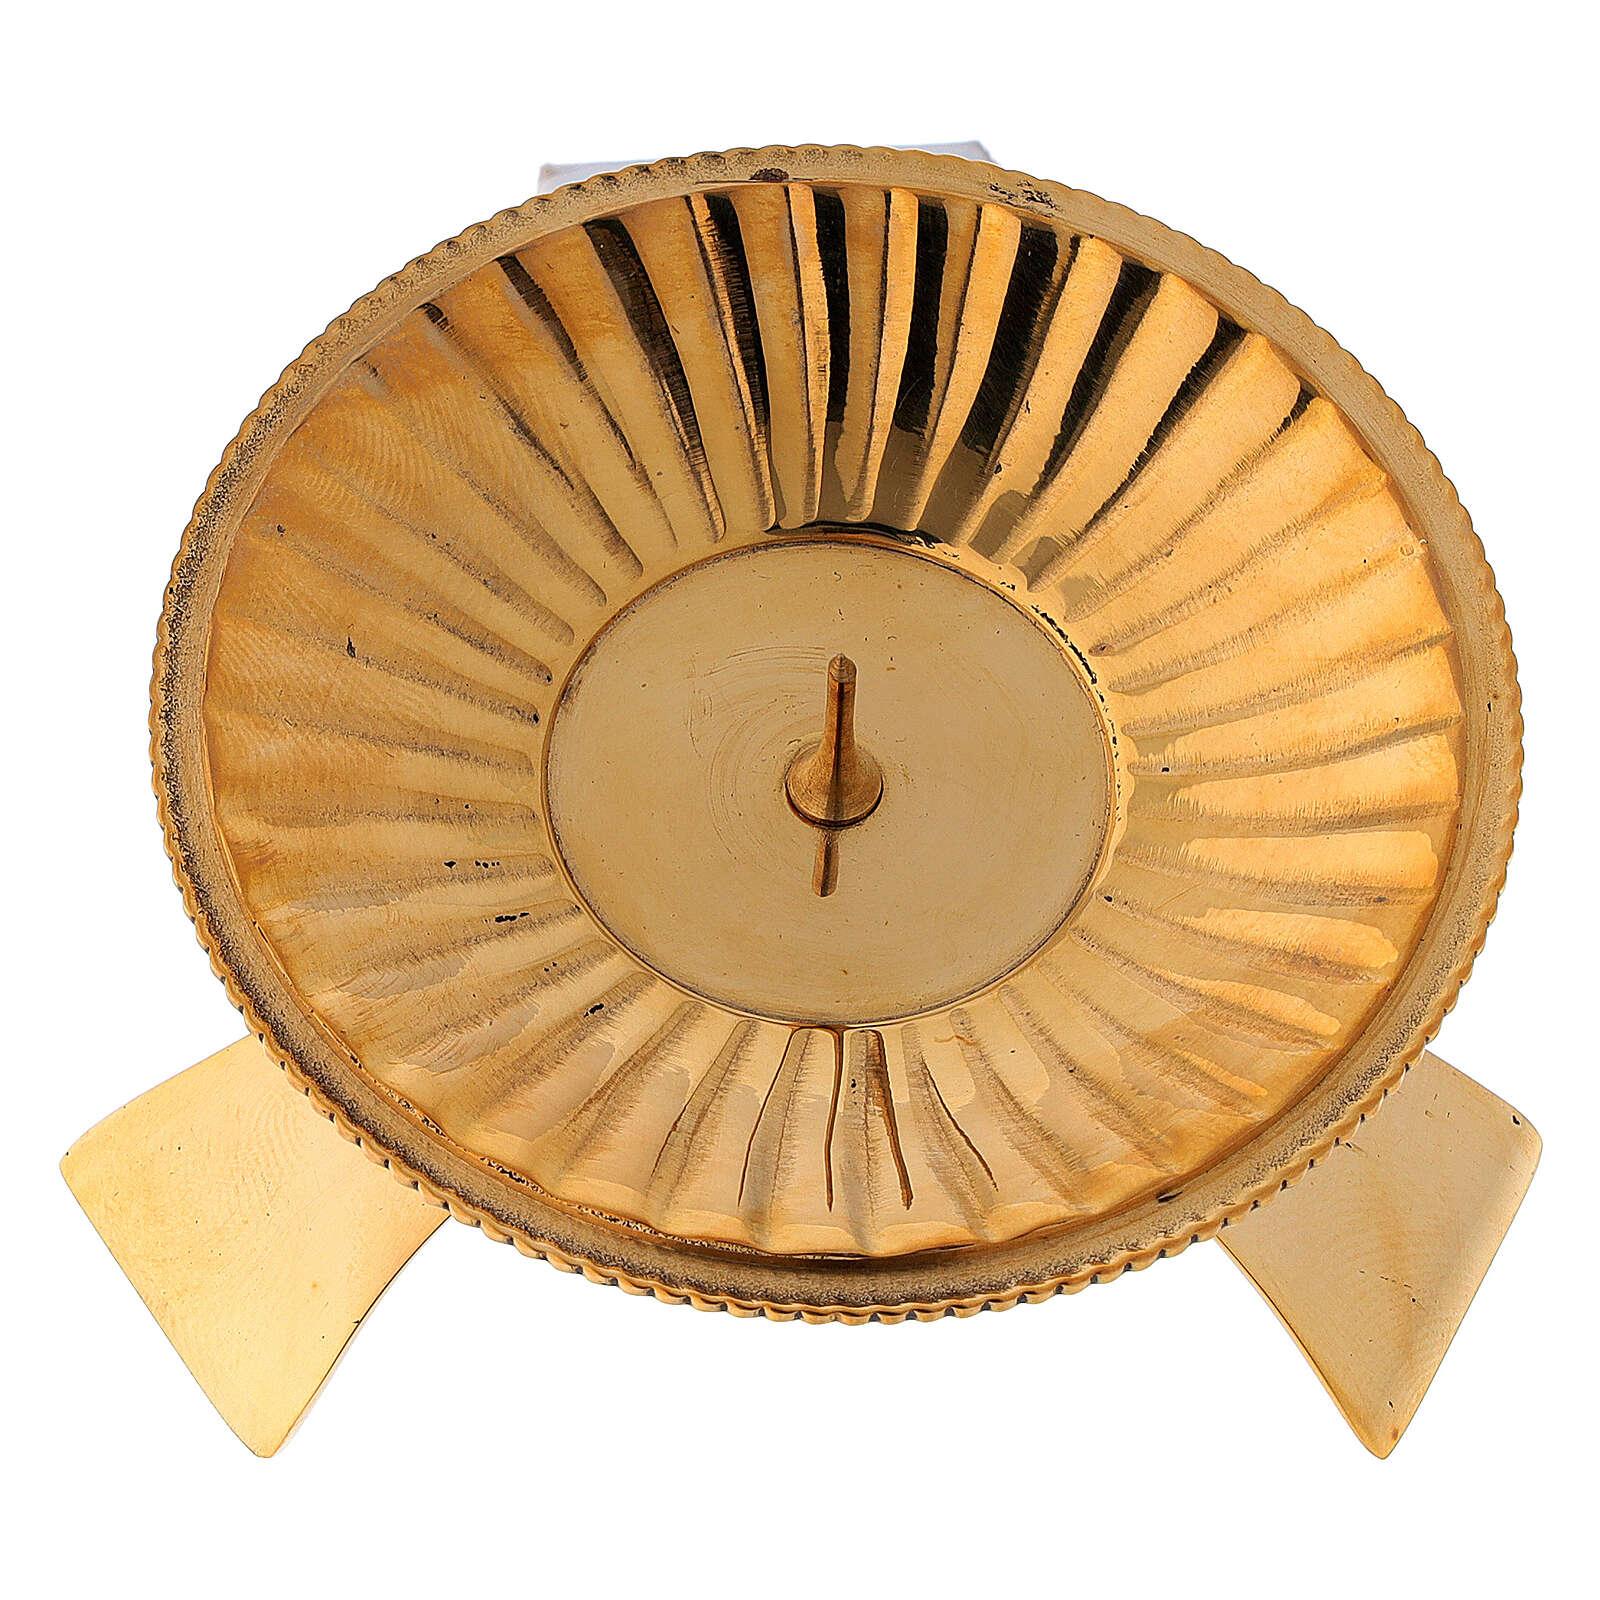 Portacandela decoro a righe ottone satinato dorato 7 cm 4